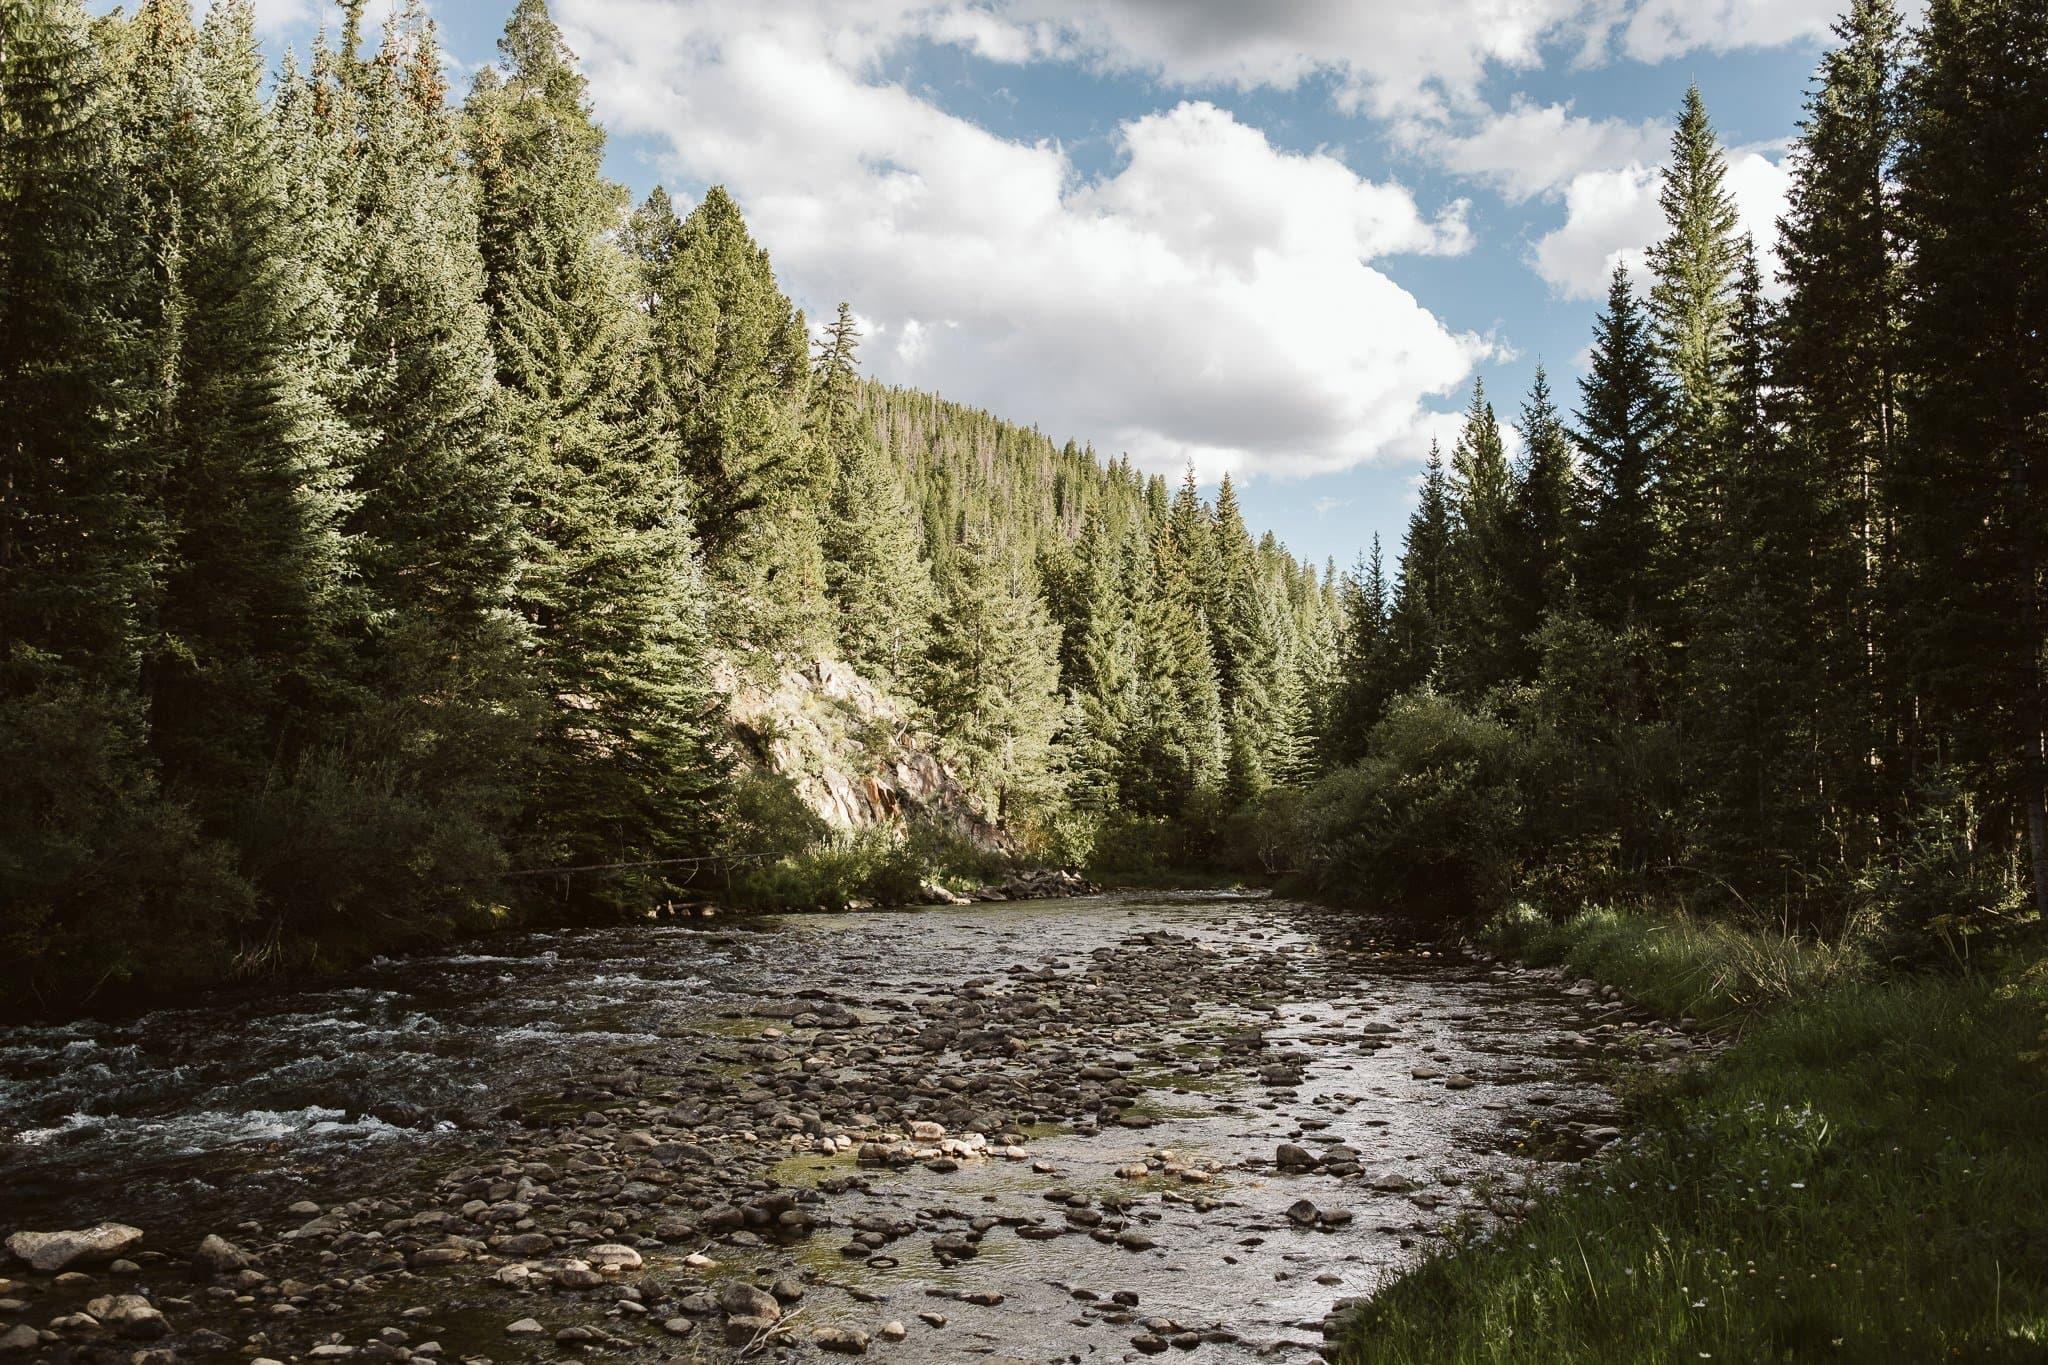 Rivertree Lodge wedding venue in Breckenridge, Colorado intimate wedding venue in the mountains